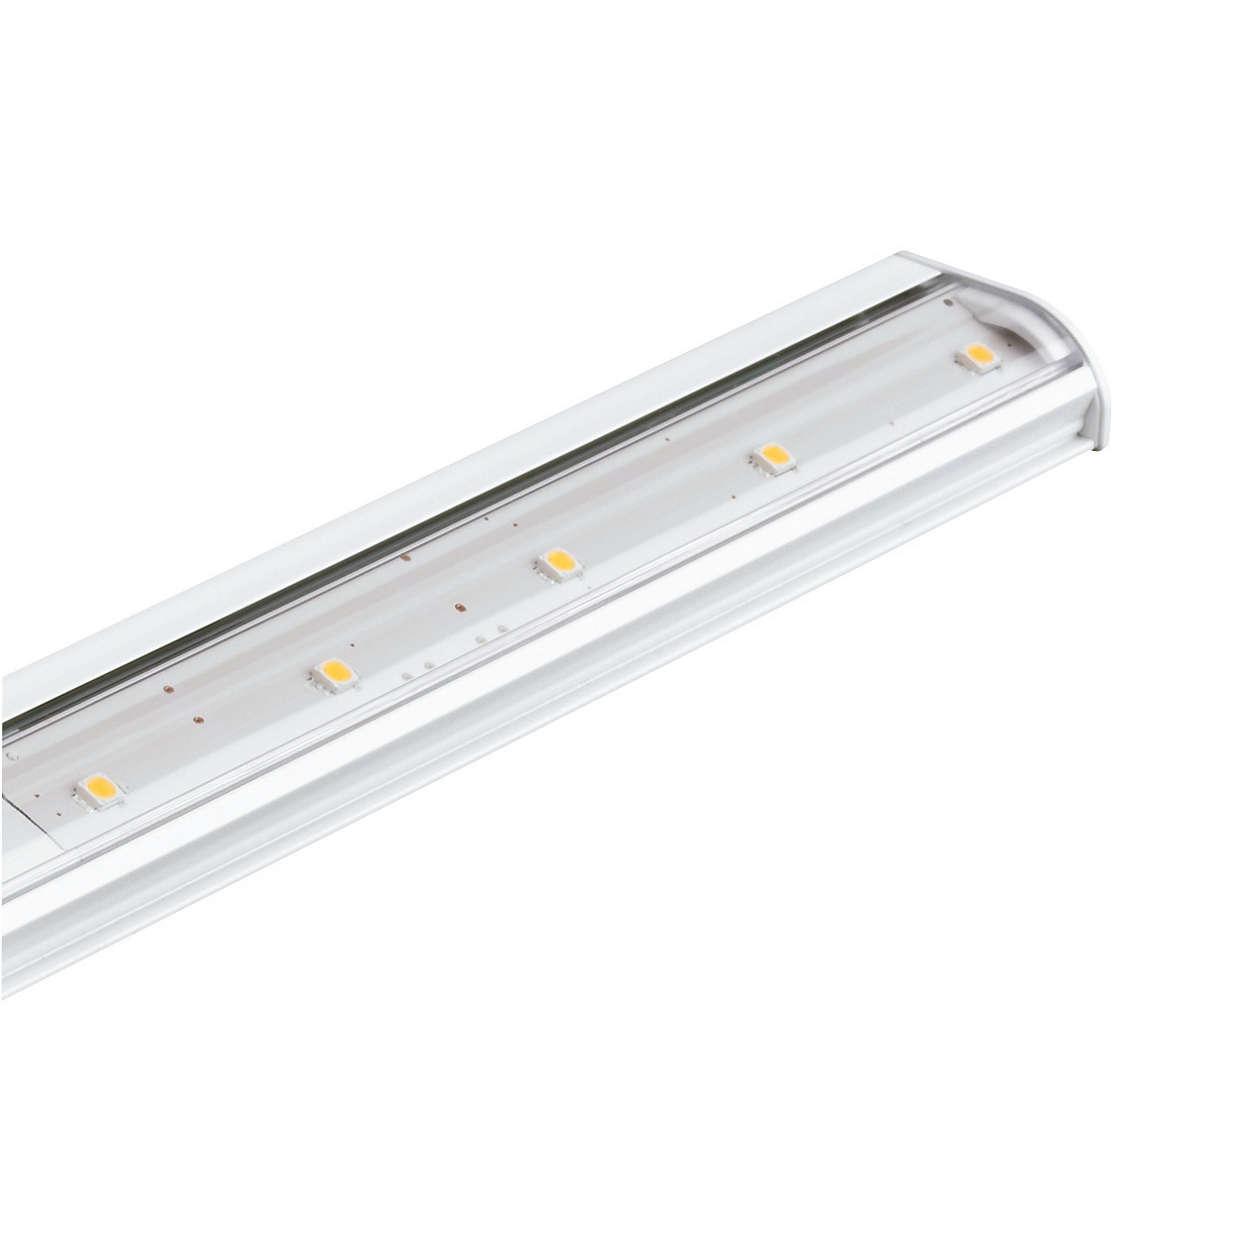 eW Profile Powercore – Zeer onopvallende LED-armatuur met wit licht voor montage onder kasten